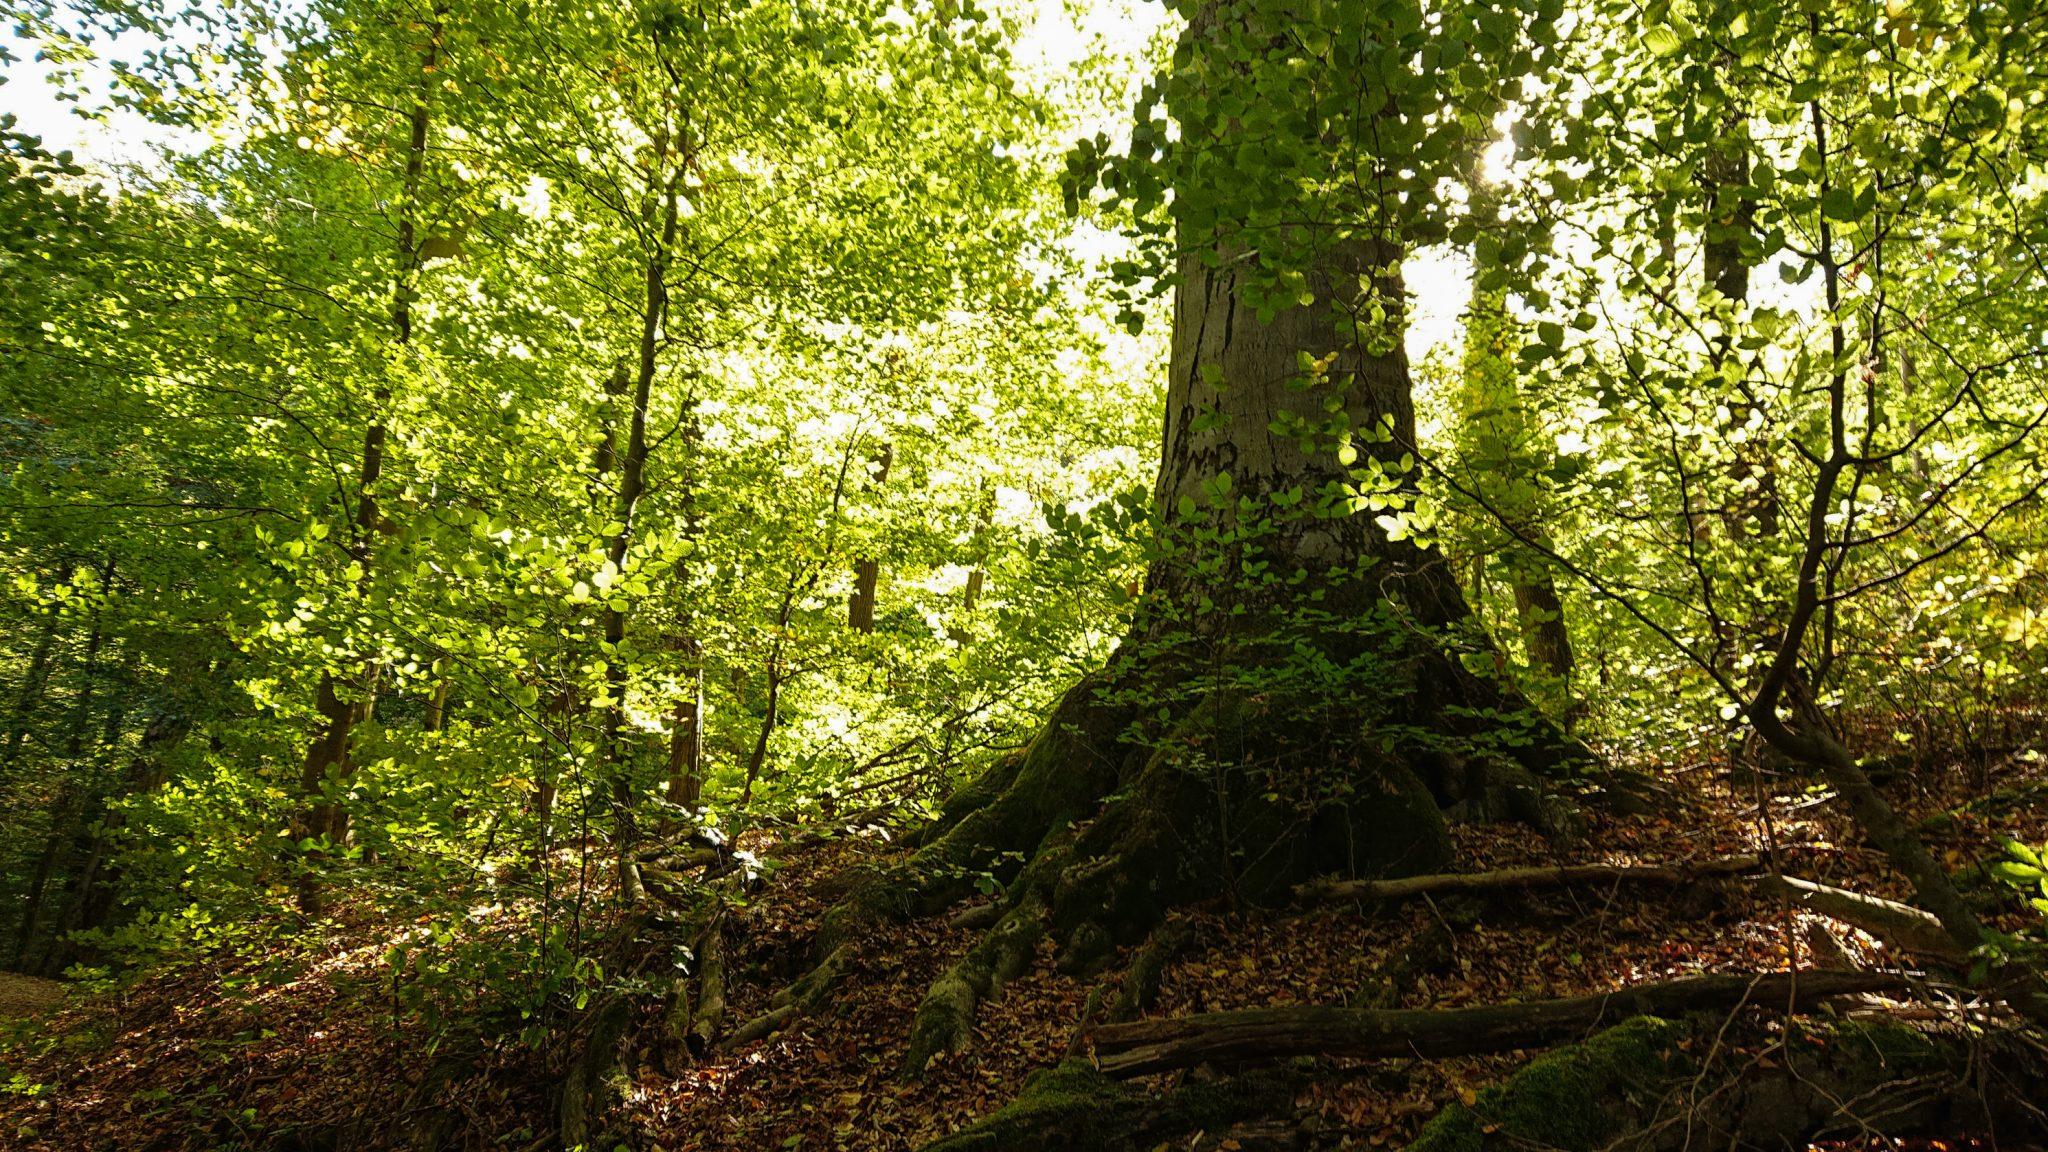 Rundwanderung Thale nach Treseburg - über Hexentanzplatz, Bodetal und Roßtrappe, großer Baum im Bodetal, Sonnenstrahlen zaubern schönes Licht im grünen Wald, Herbststimmung